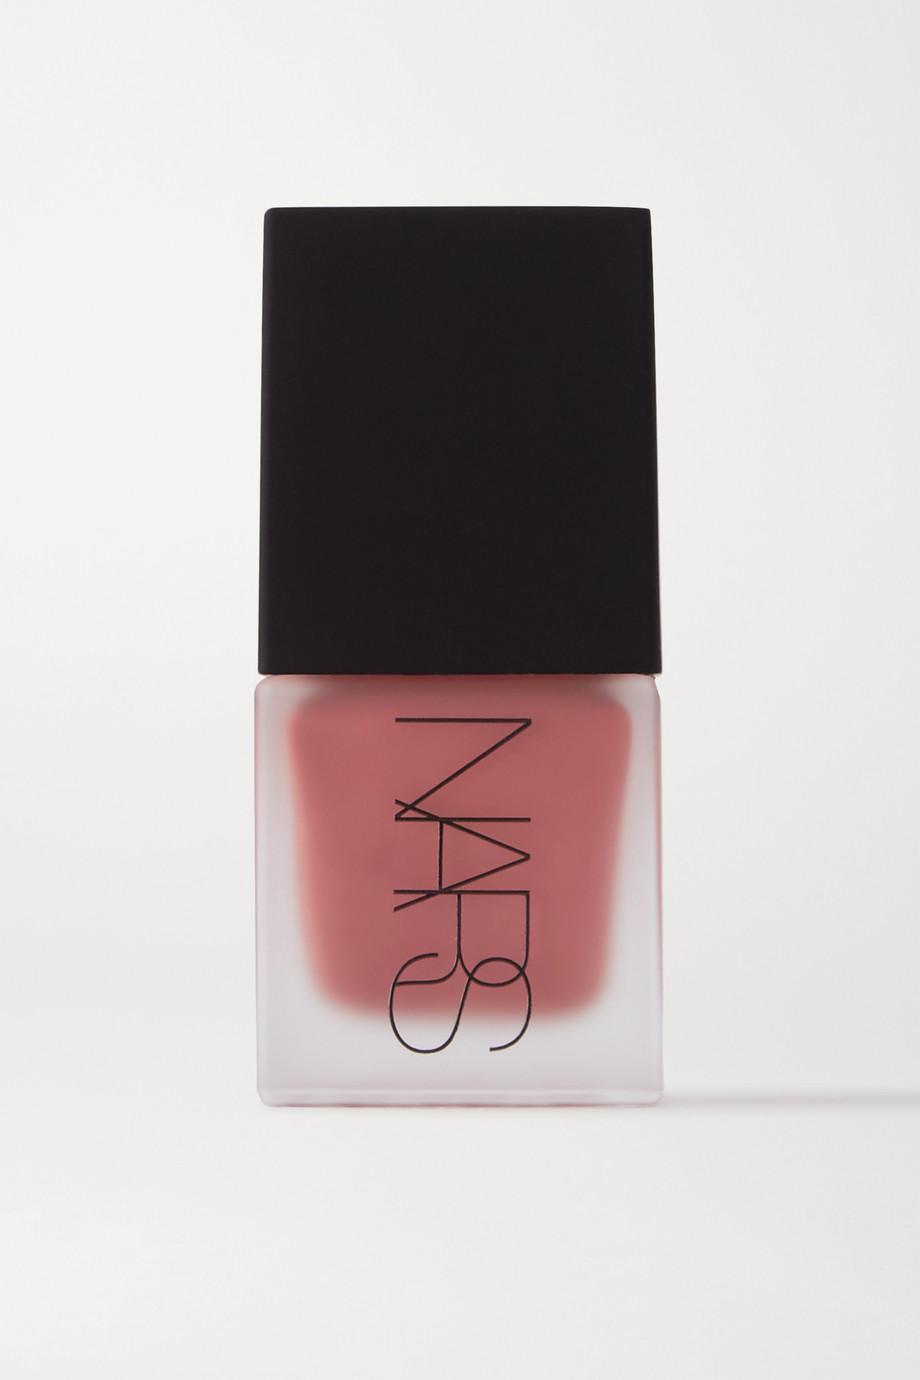 NARS Liquid Blush - Dolce Vita, 15ml